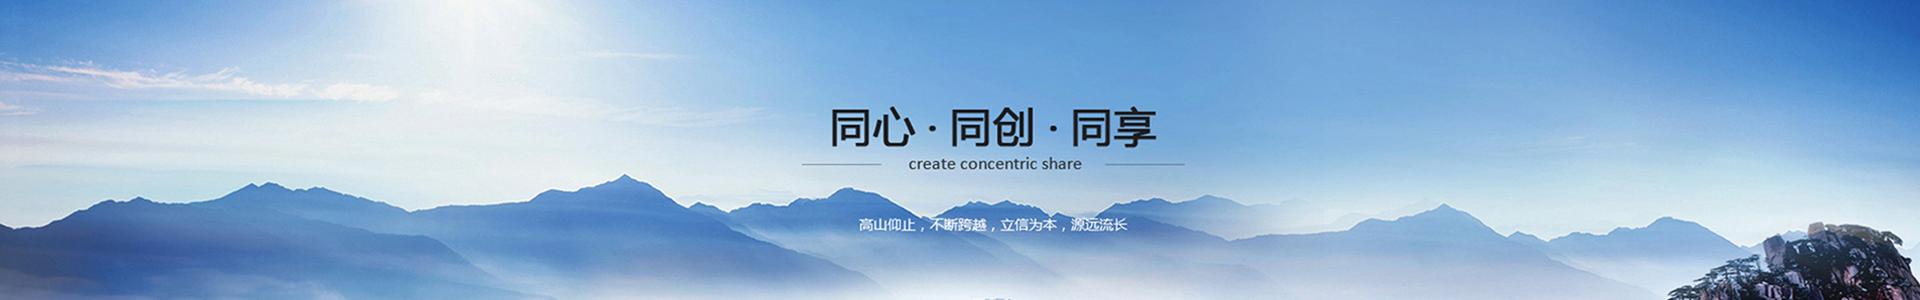 生态板厂家,生态板十大品牌